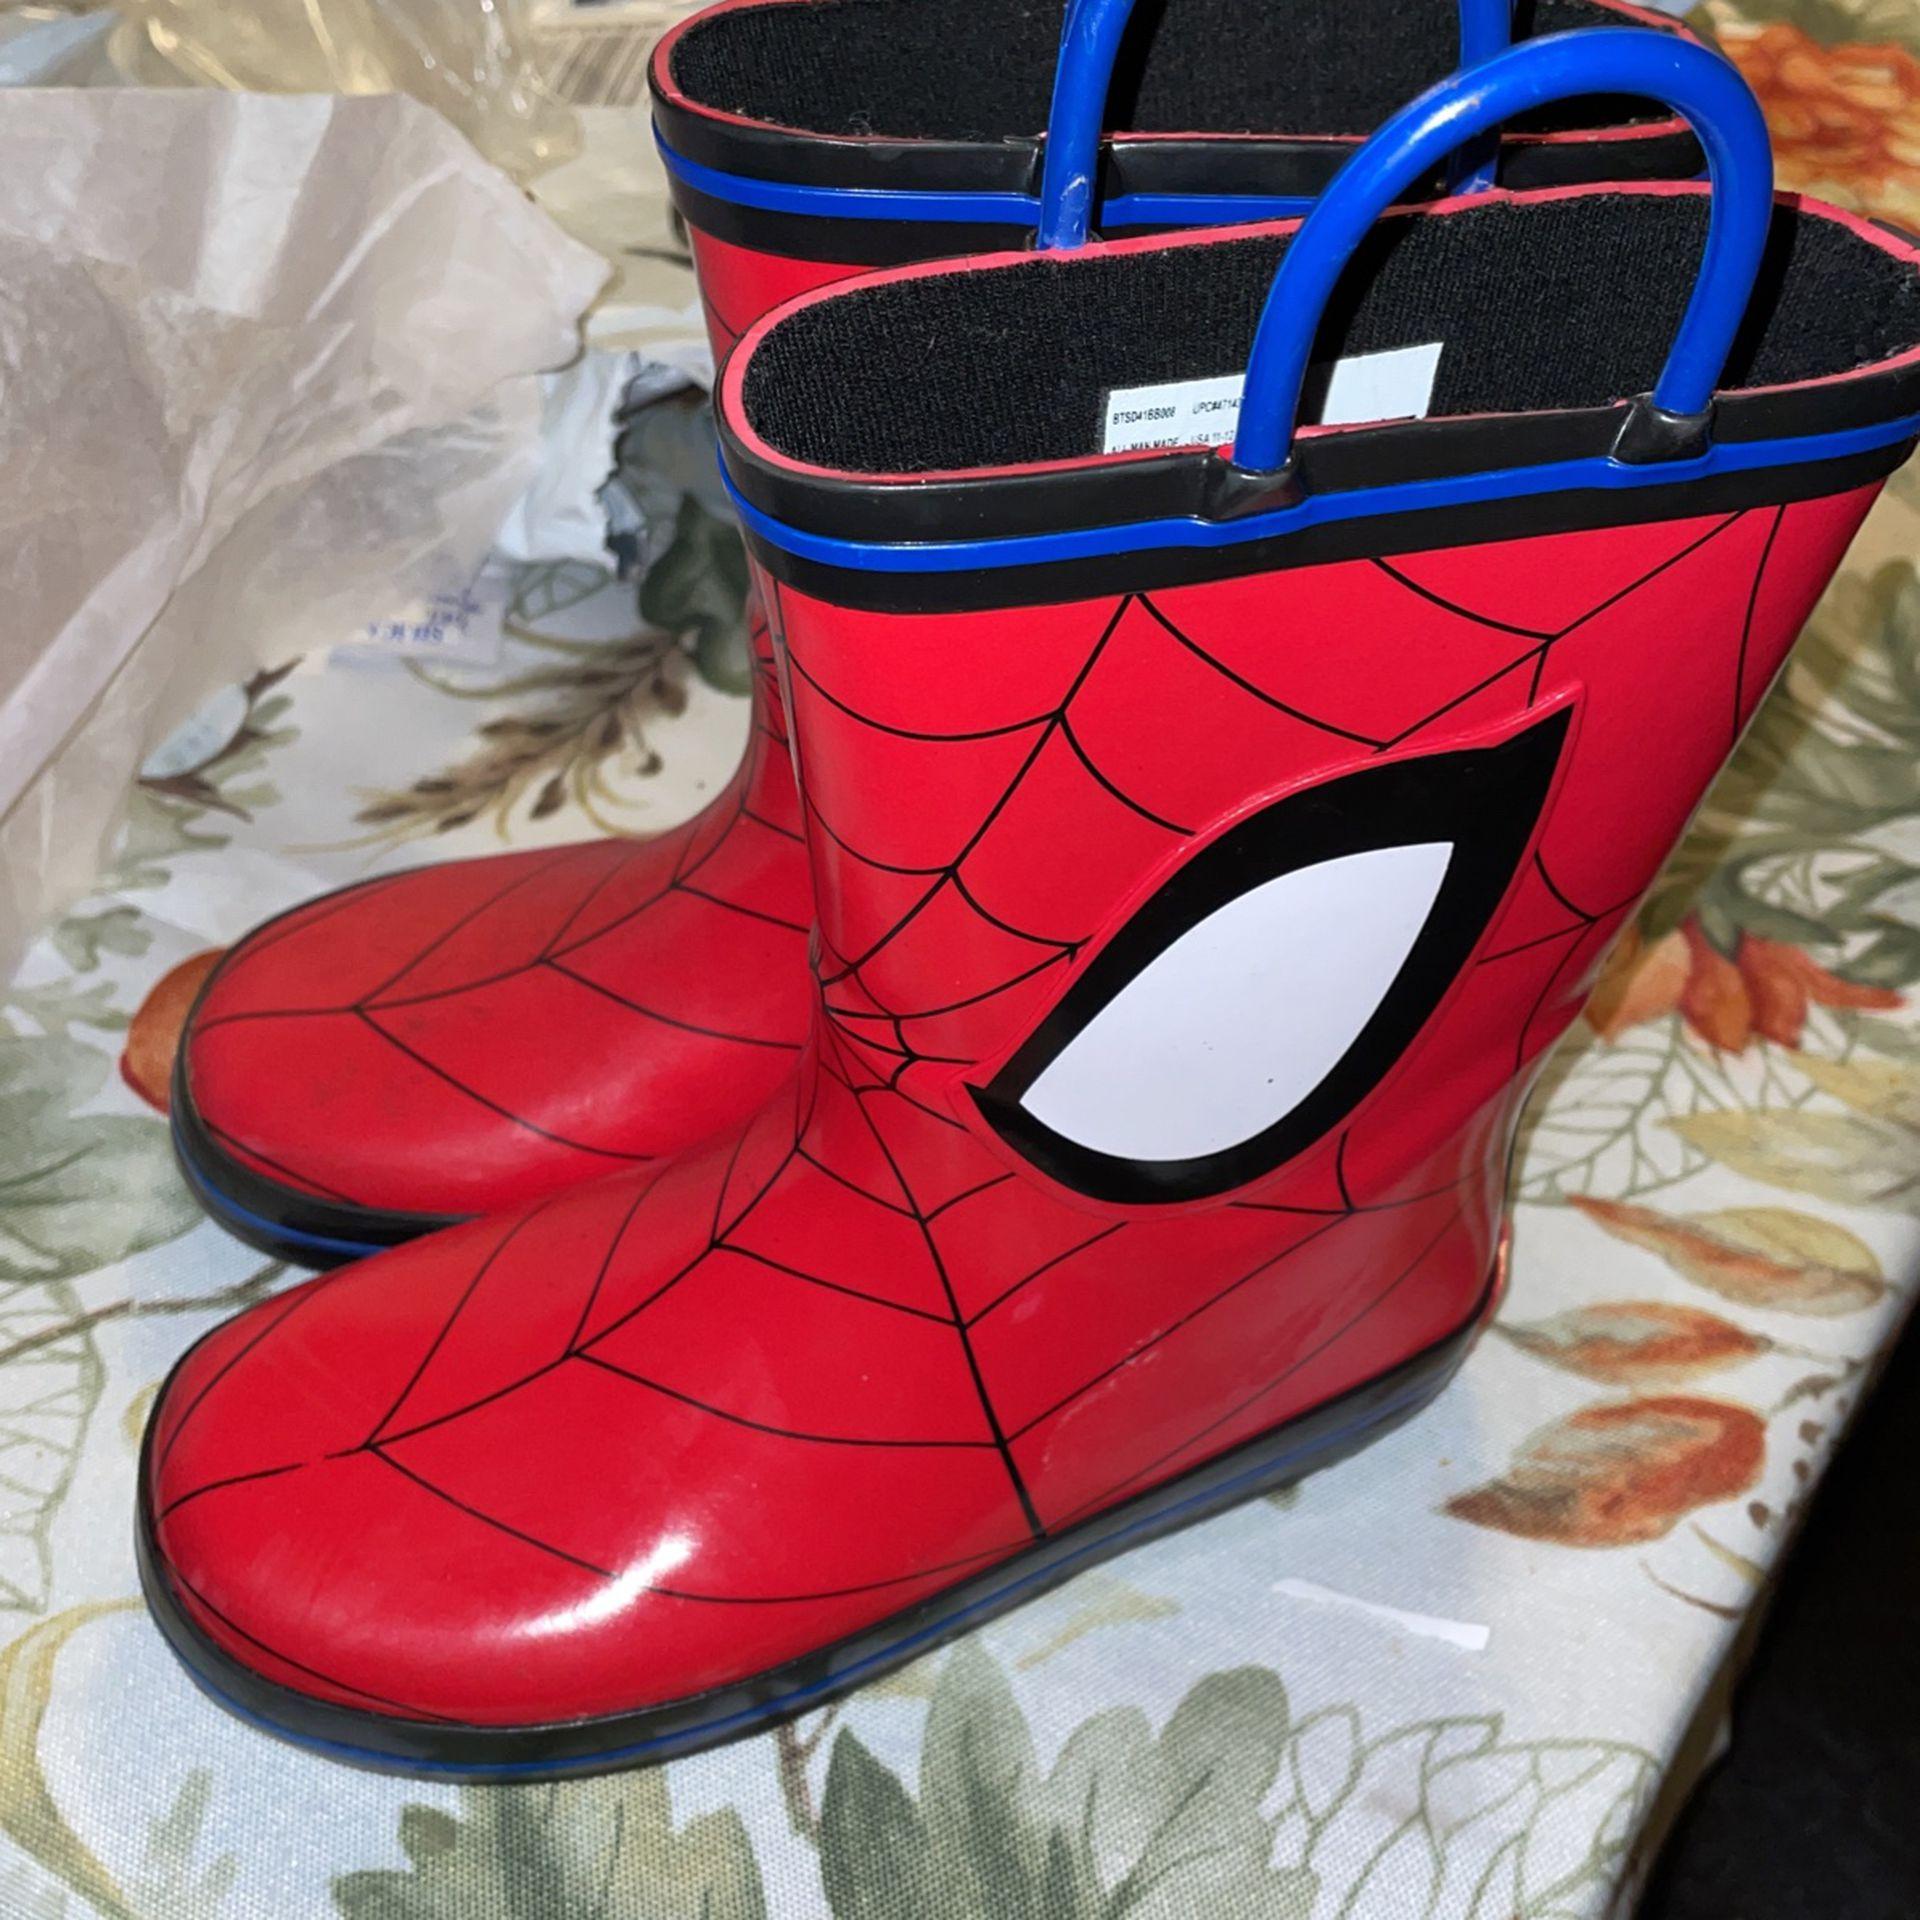 Spider-Man Rain Boots